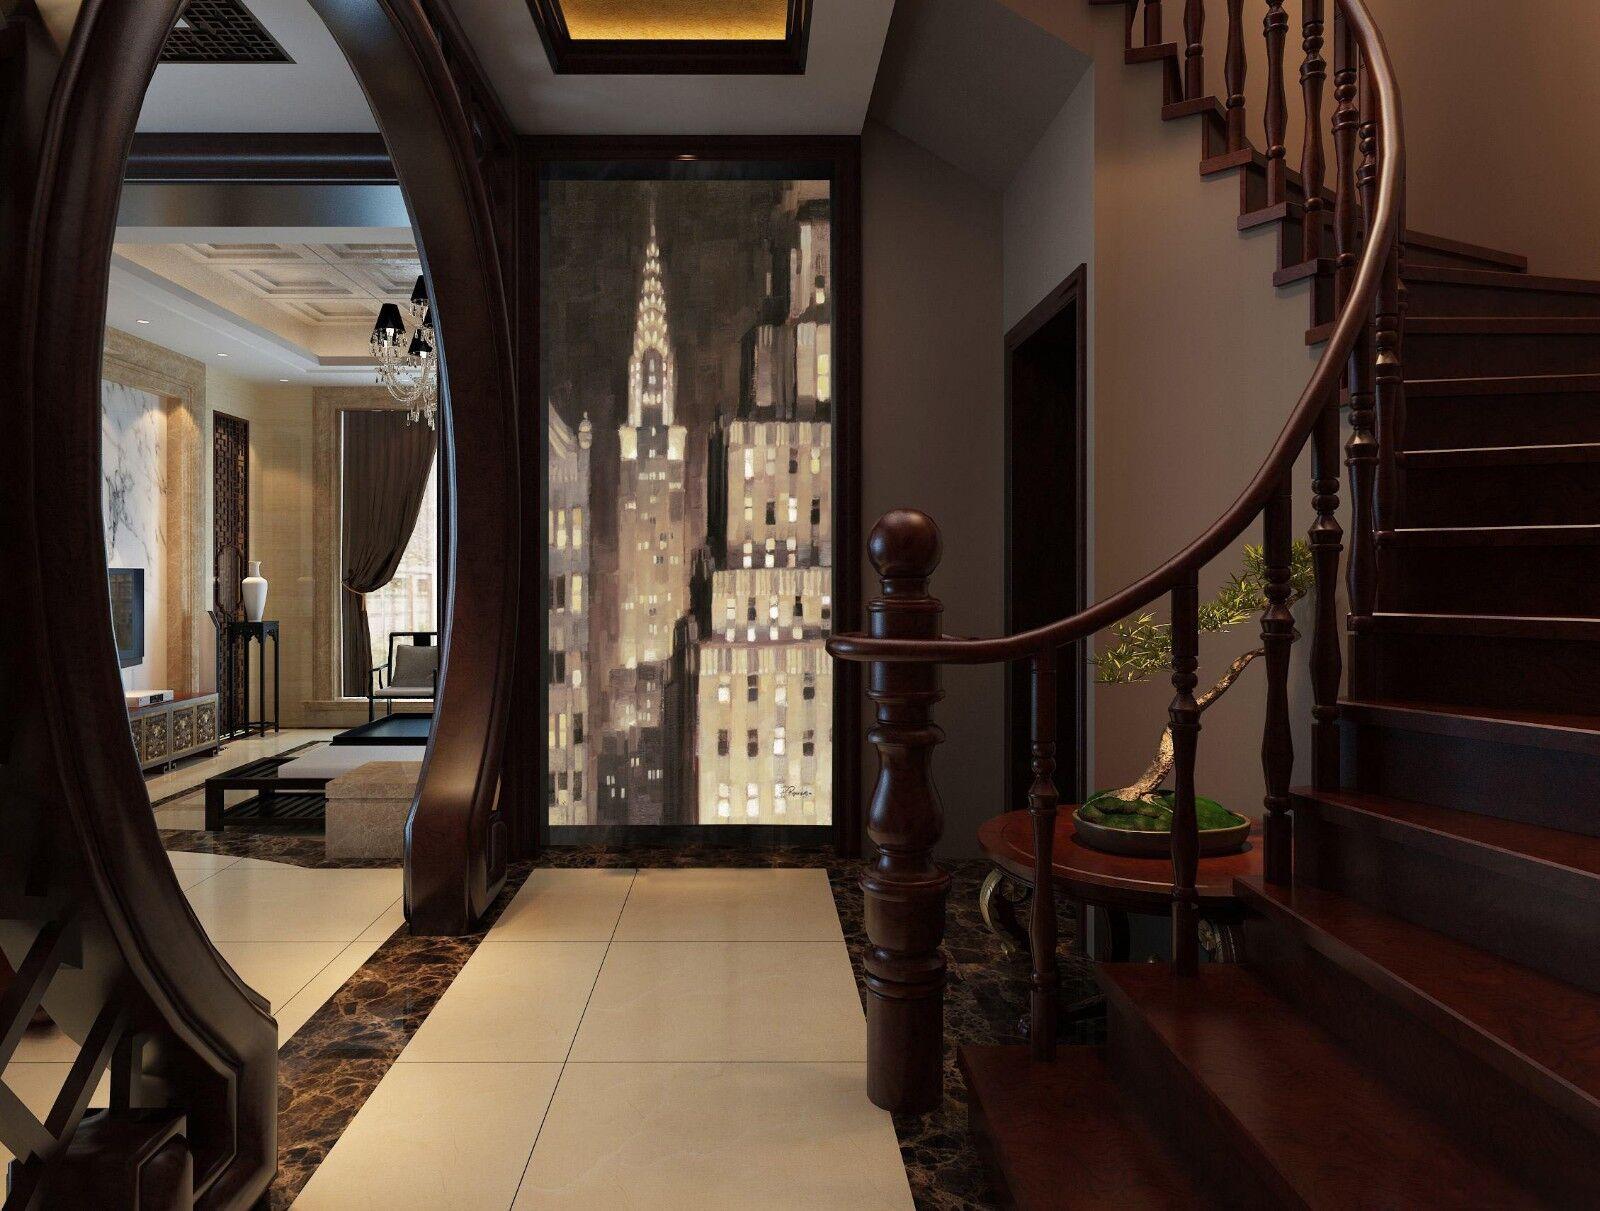 3D City Minaret Skyscrapers Paper Wall Print Wall Decal Wall Deco Indoor Murals